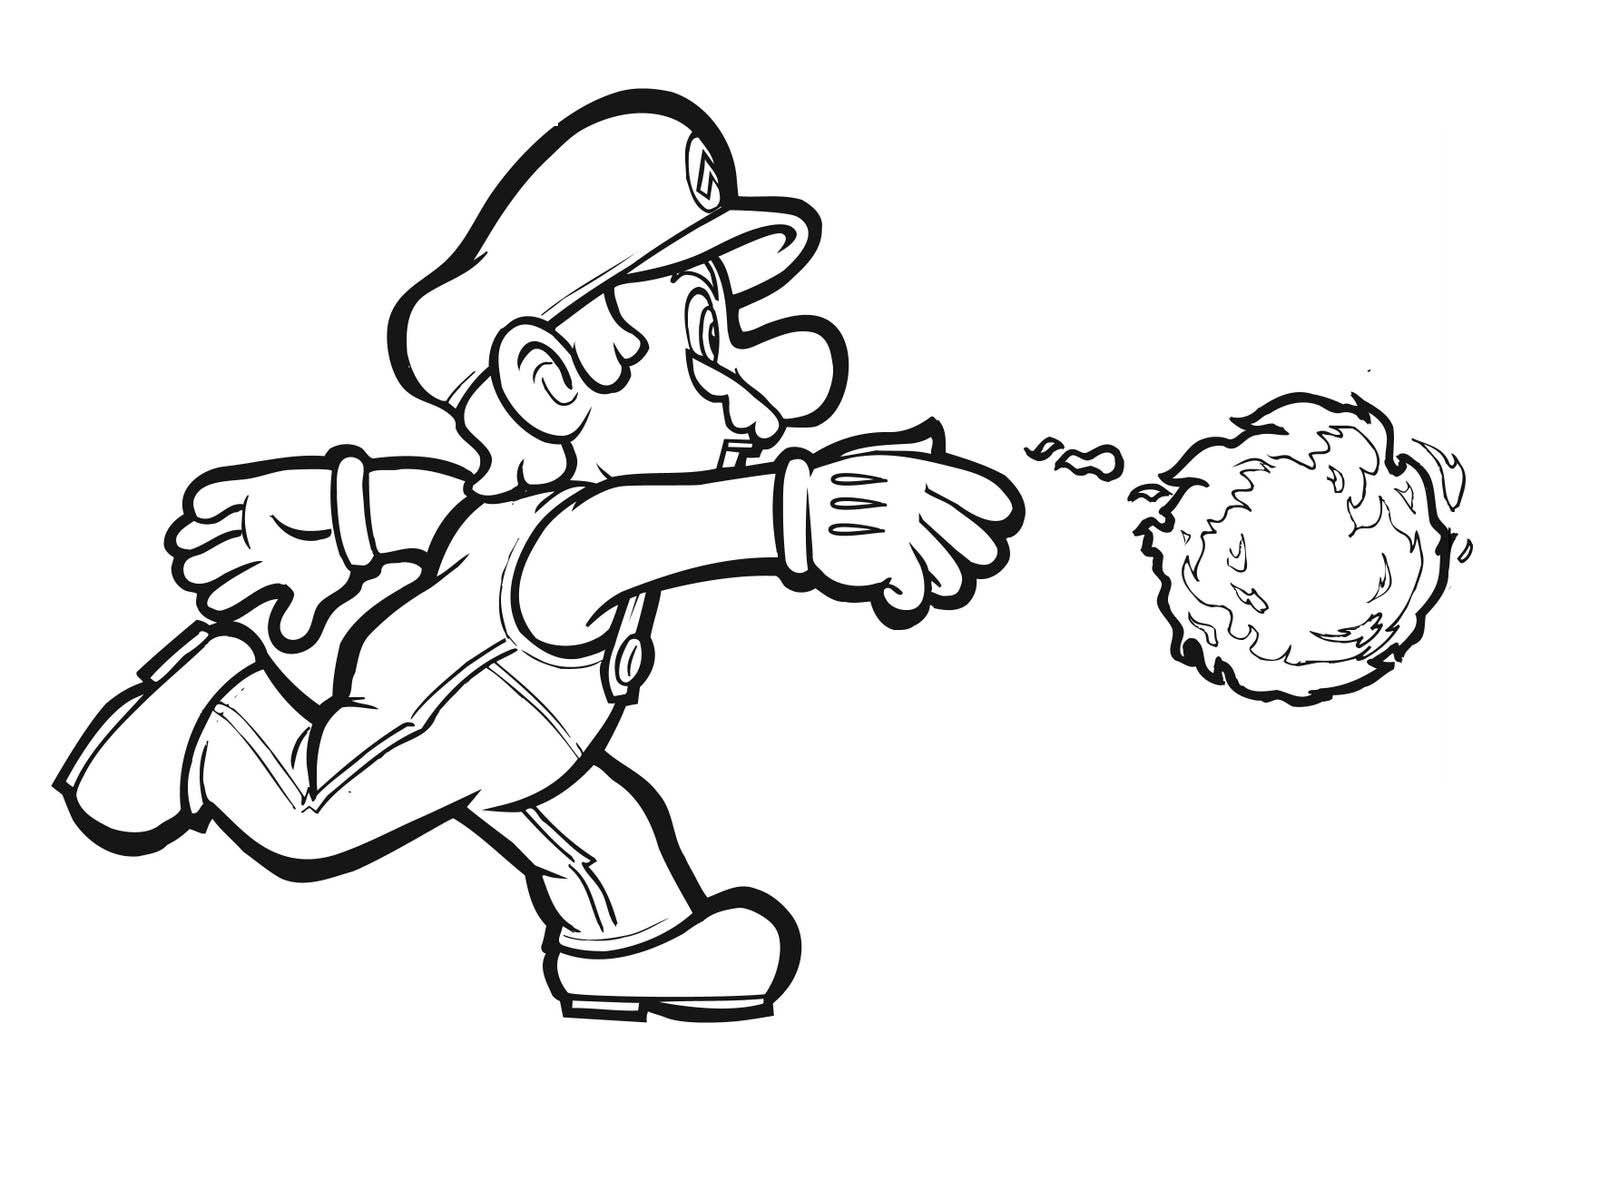 Super Mario Coloring Pages | Mario Party Ideas | Pinterest | Mario y ...